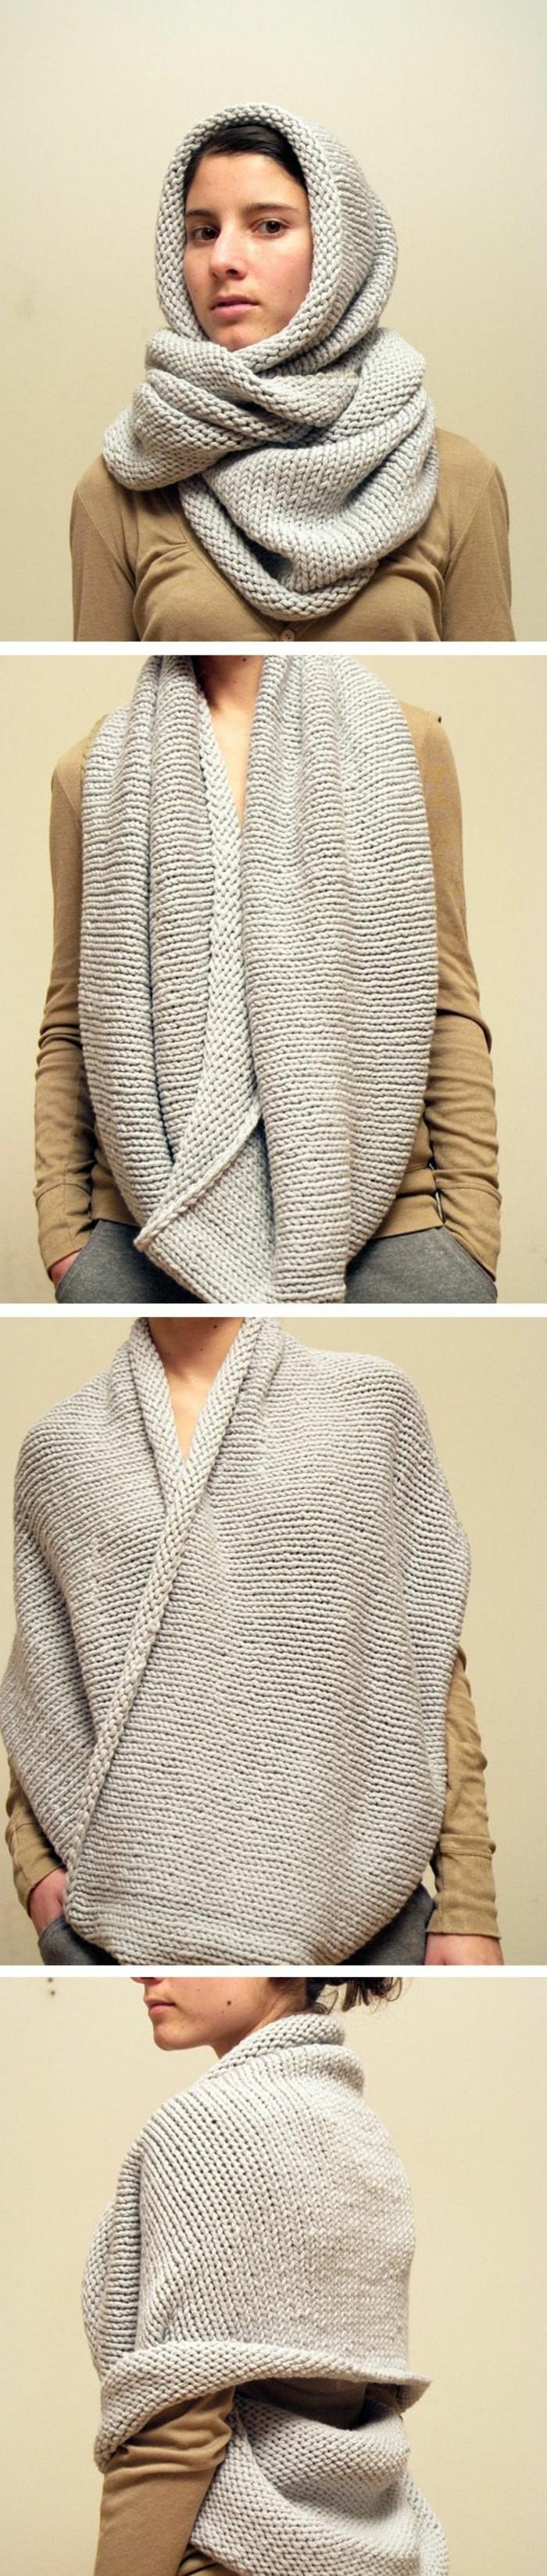 comment-porter-un-foulard-lecharpe-plaid-en-tete-et-coup